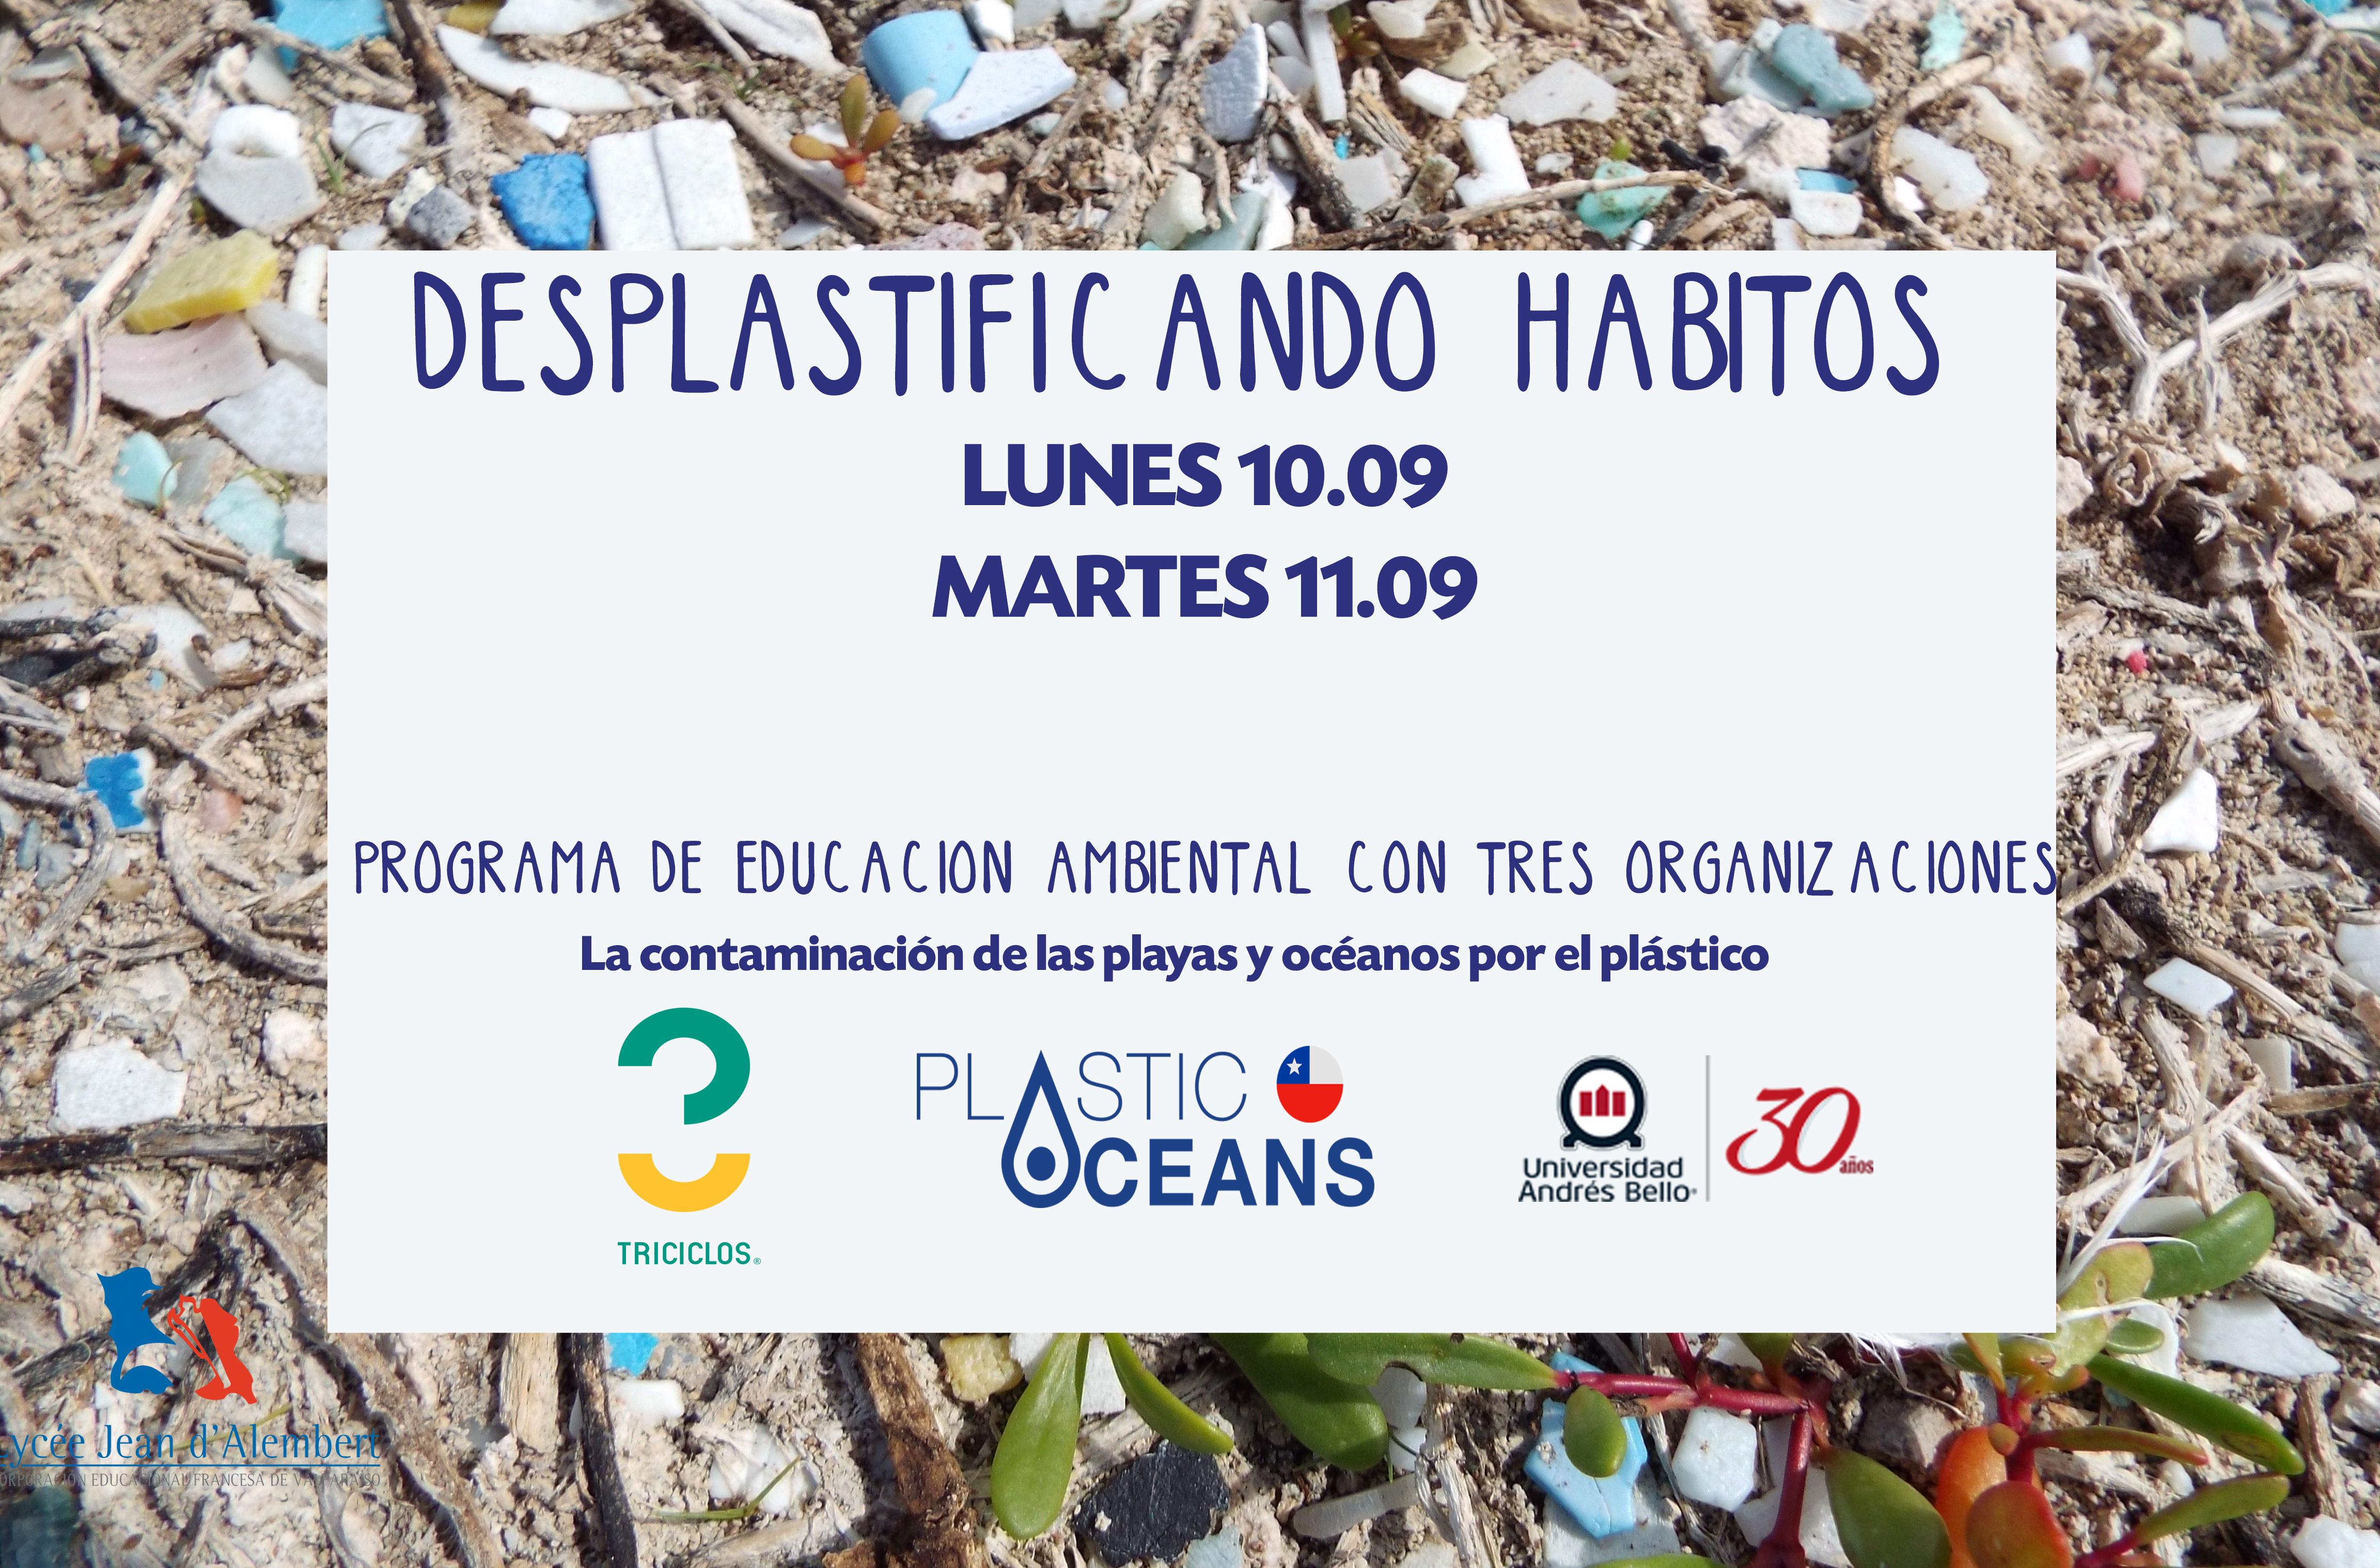 Recordando las intervenciones de Plastic Oceans y Triciclos para desplastificar nuestros hábitos